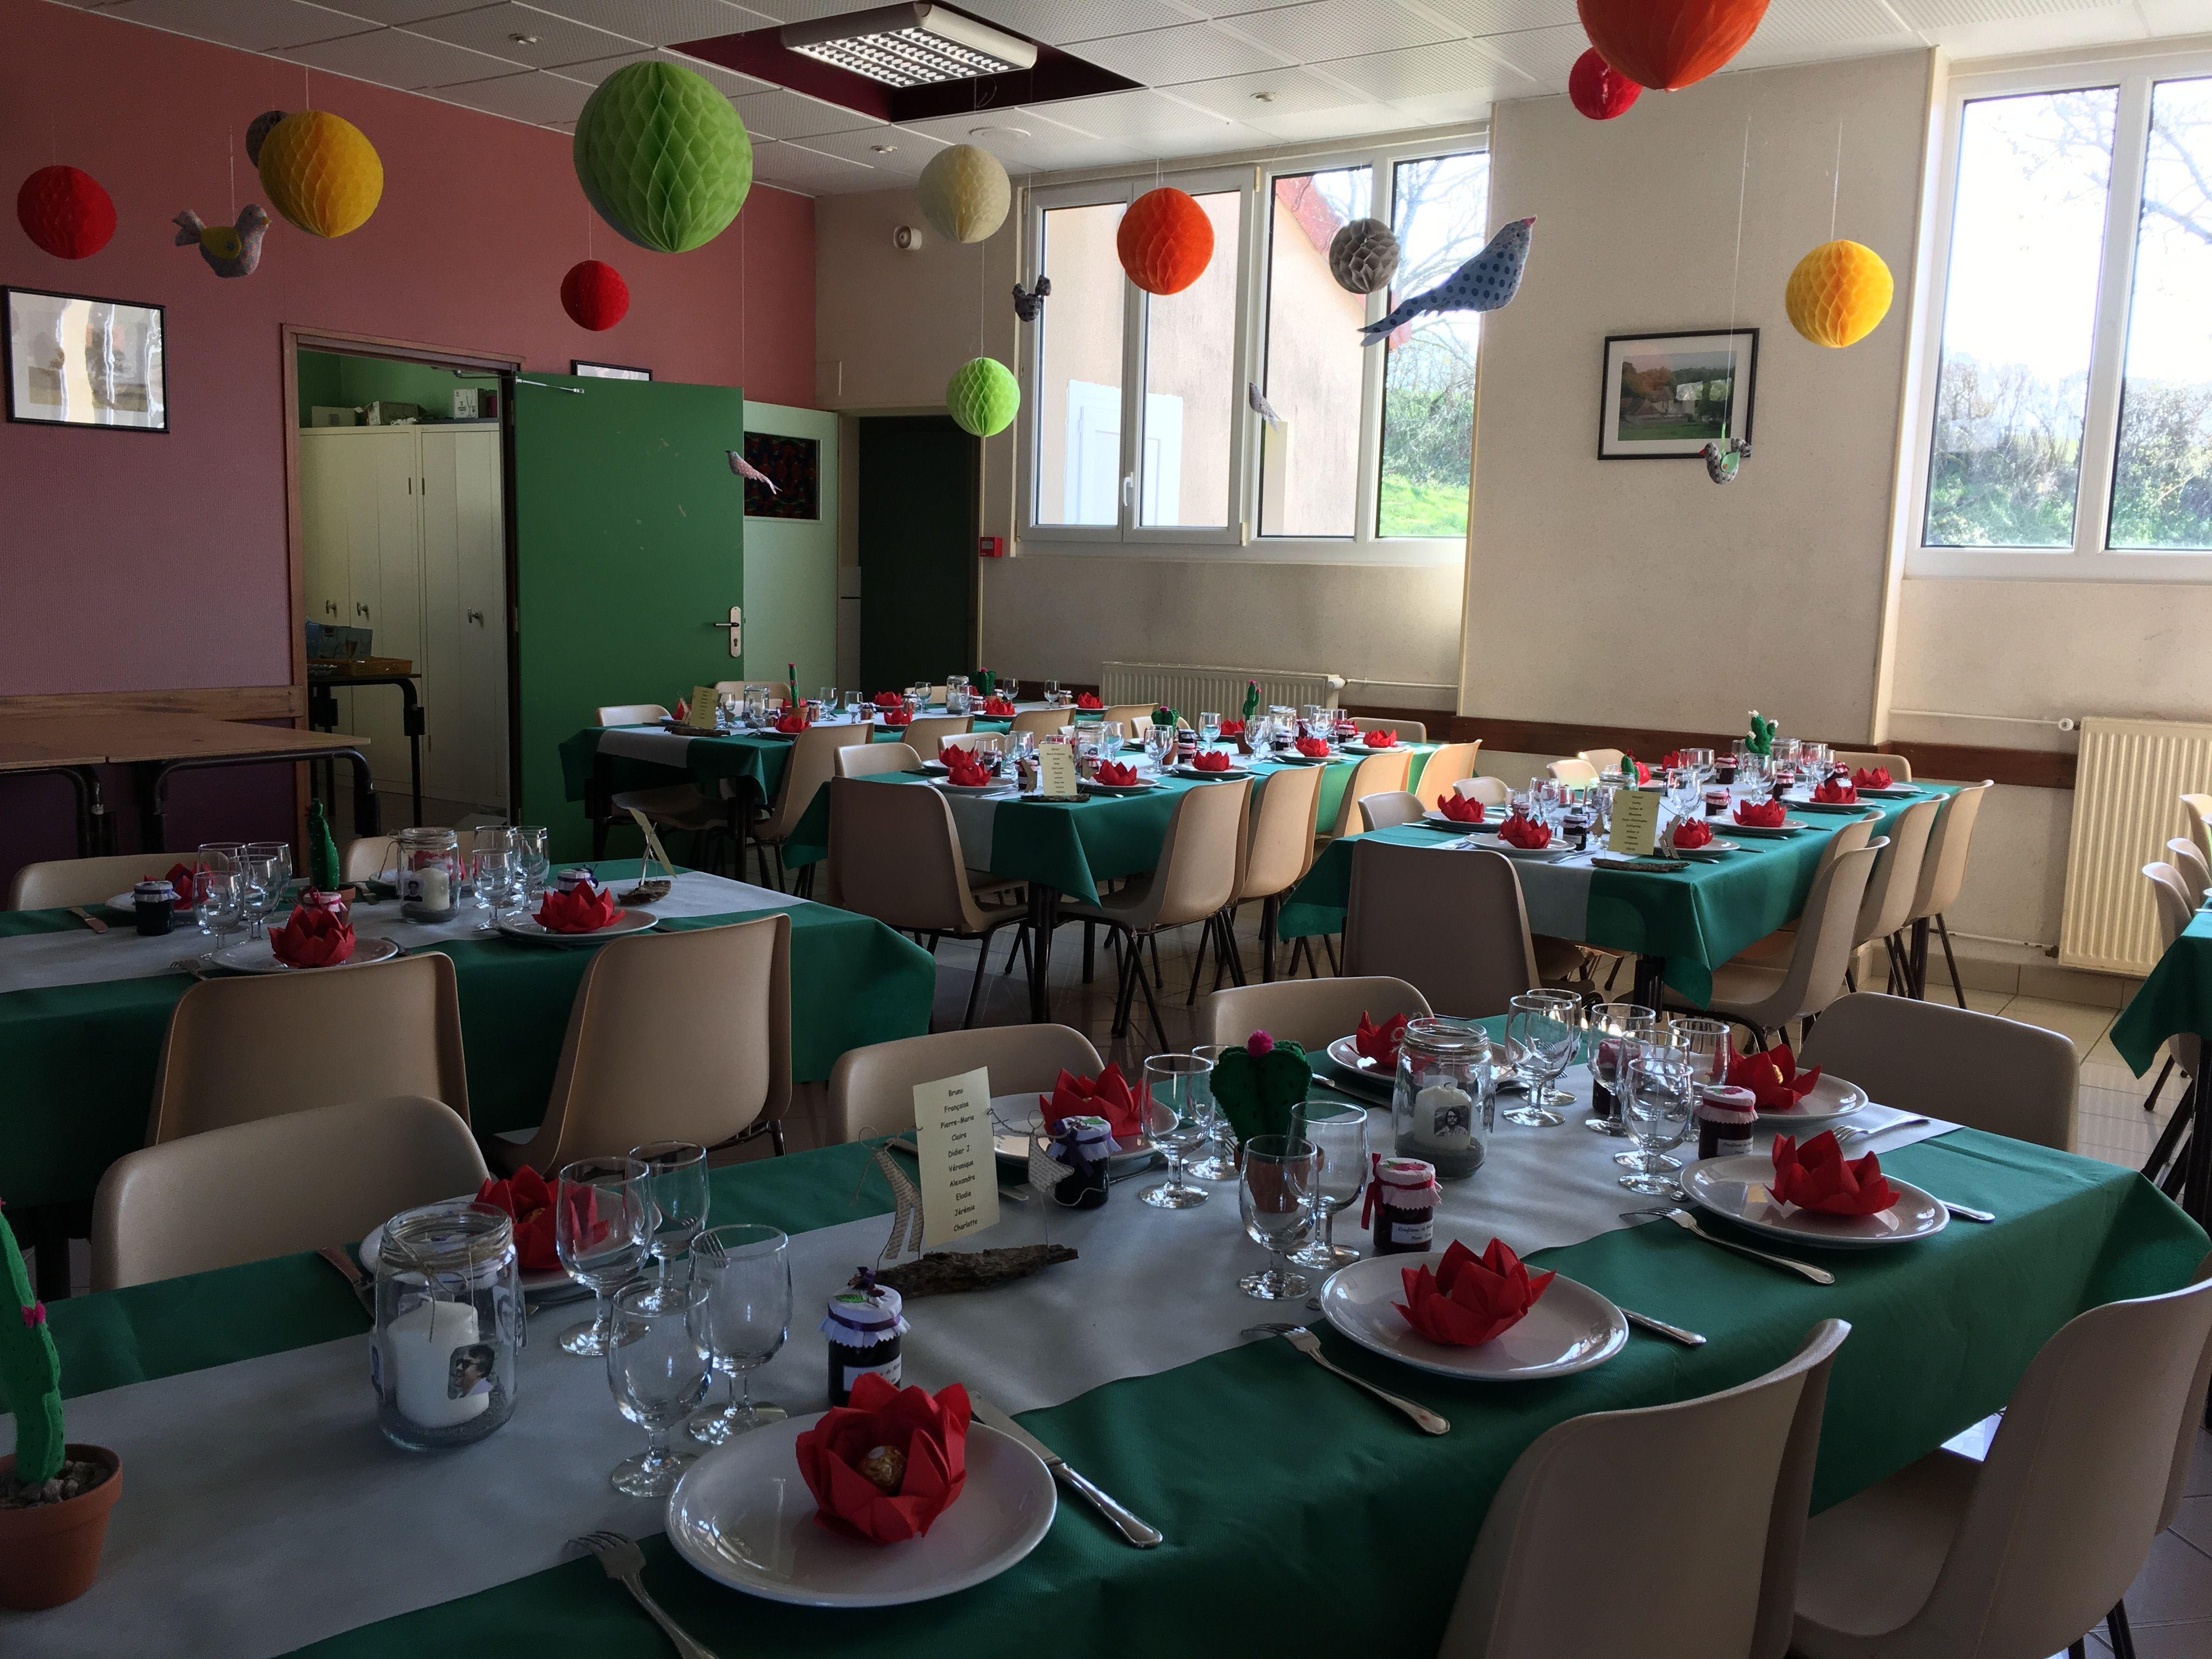 Decoration Salle Pour Anniversaire Salle Pour Anniversaire